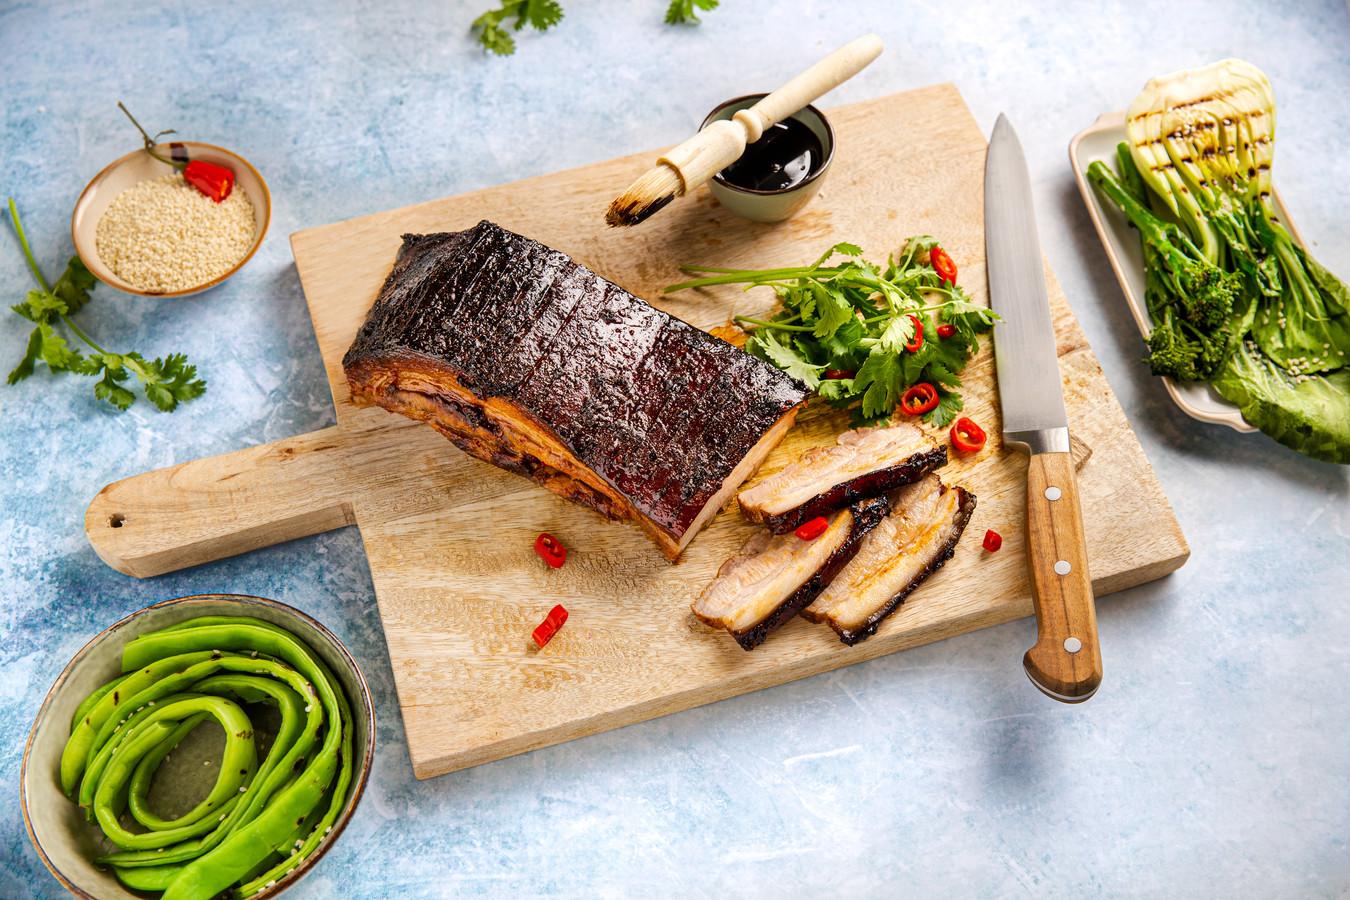 Aziatisch gepekeld buikspek van de barbecue.